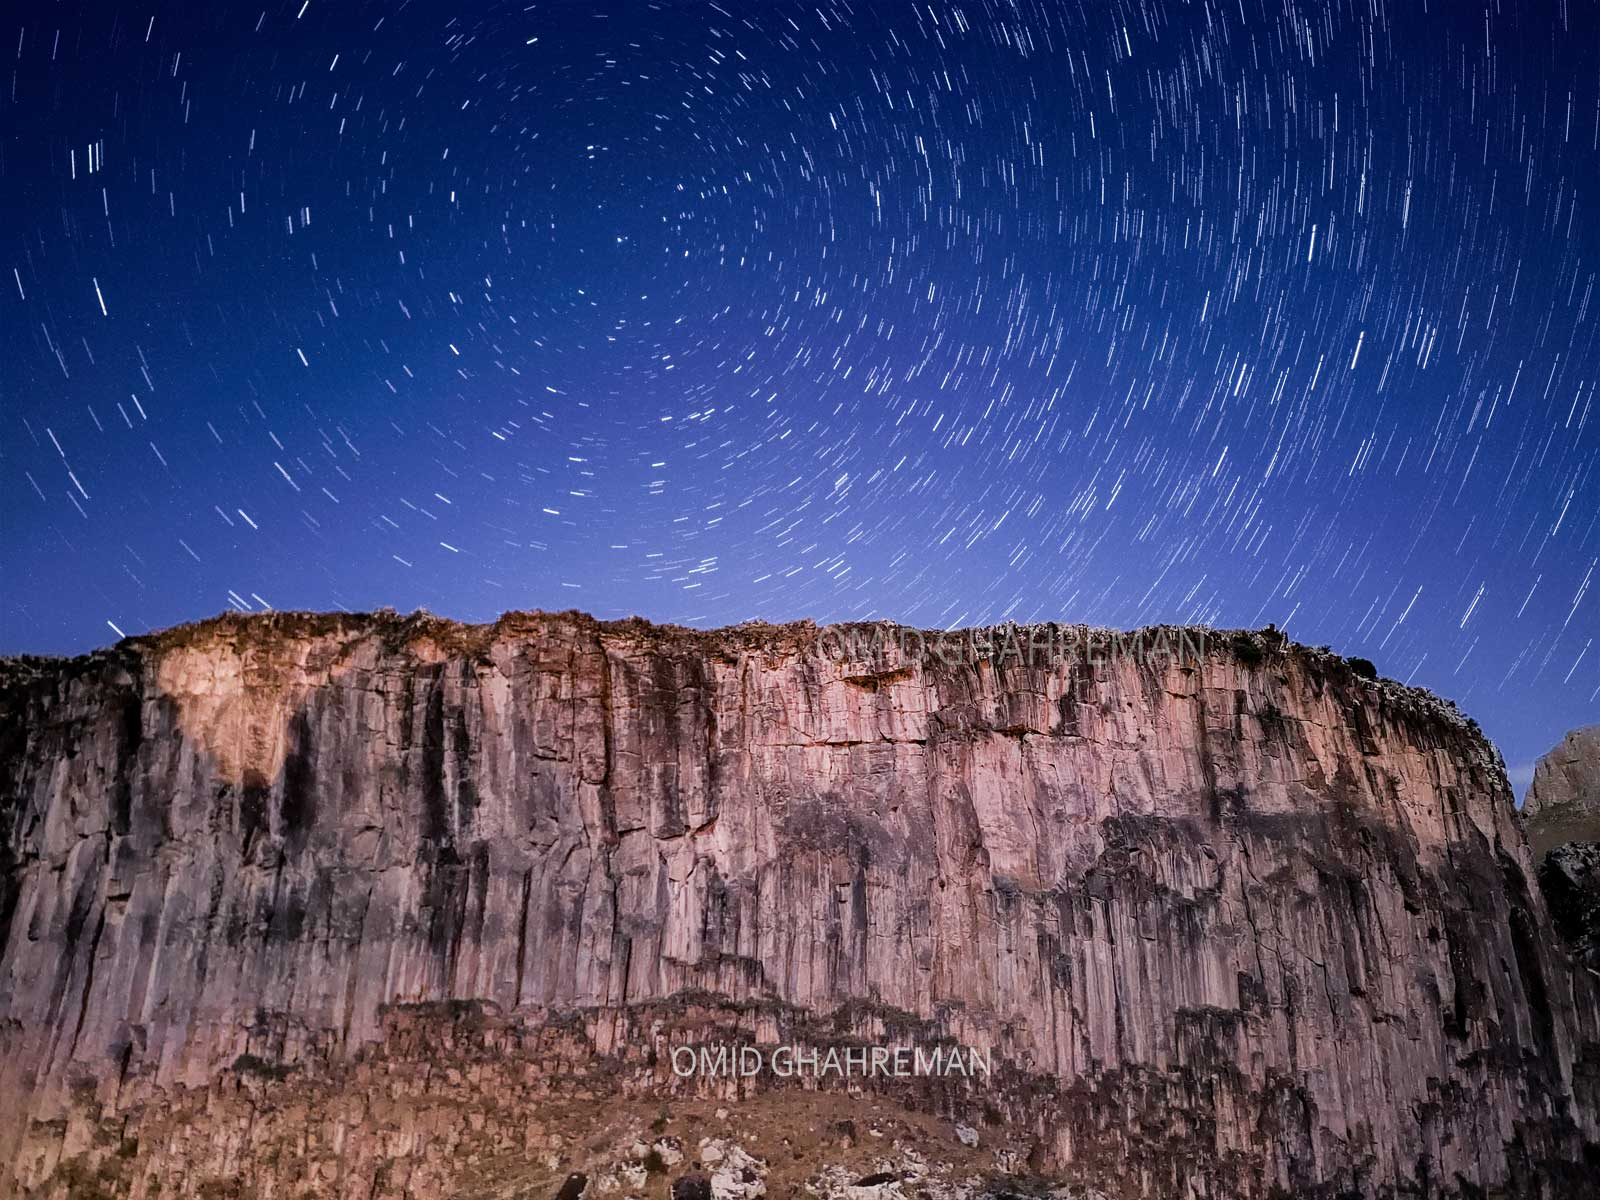 استار تریل یا رد ستارگان در ماکو دره قیرمیزیلیک